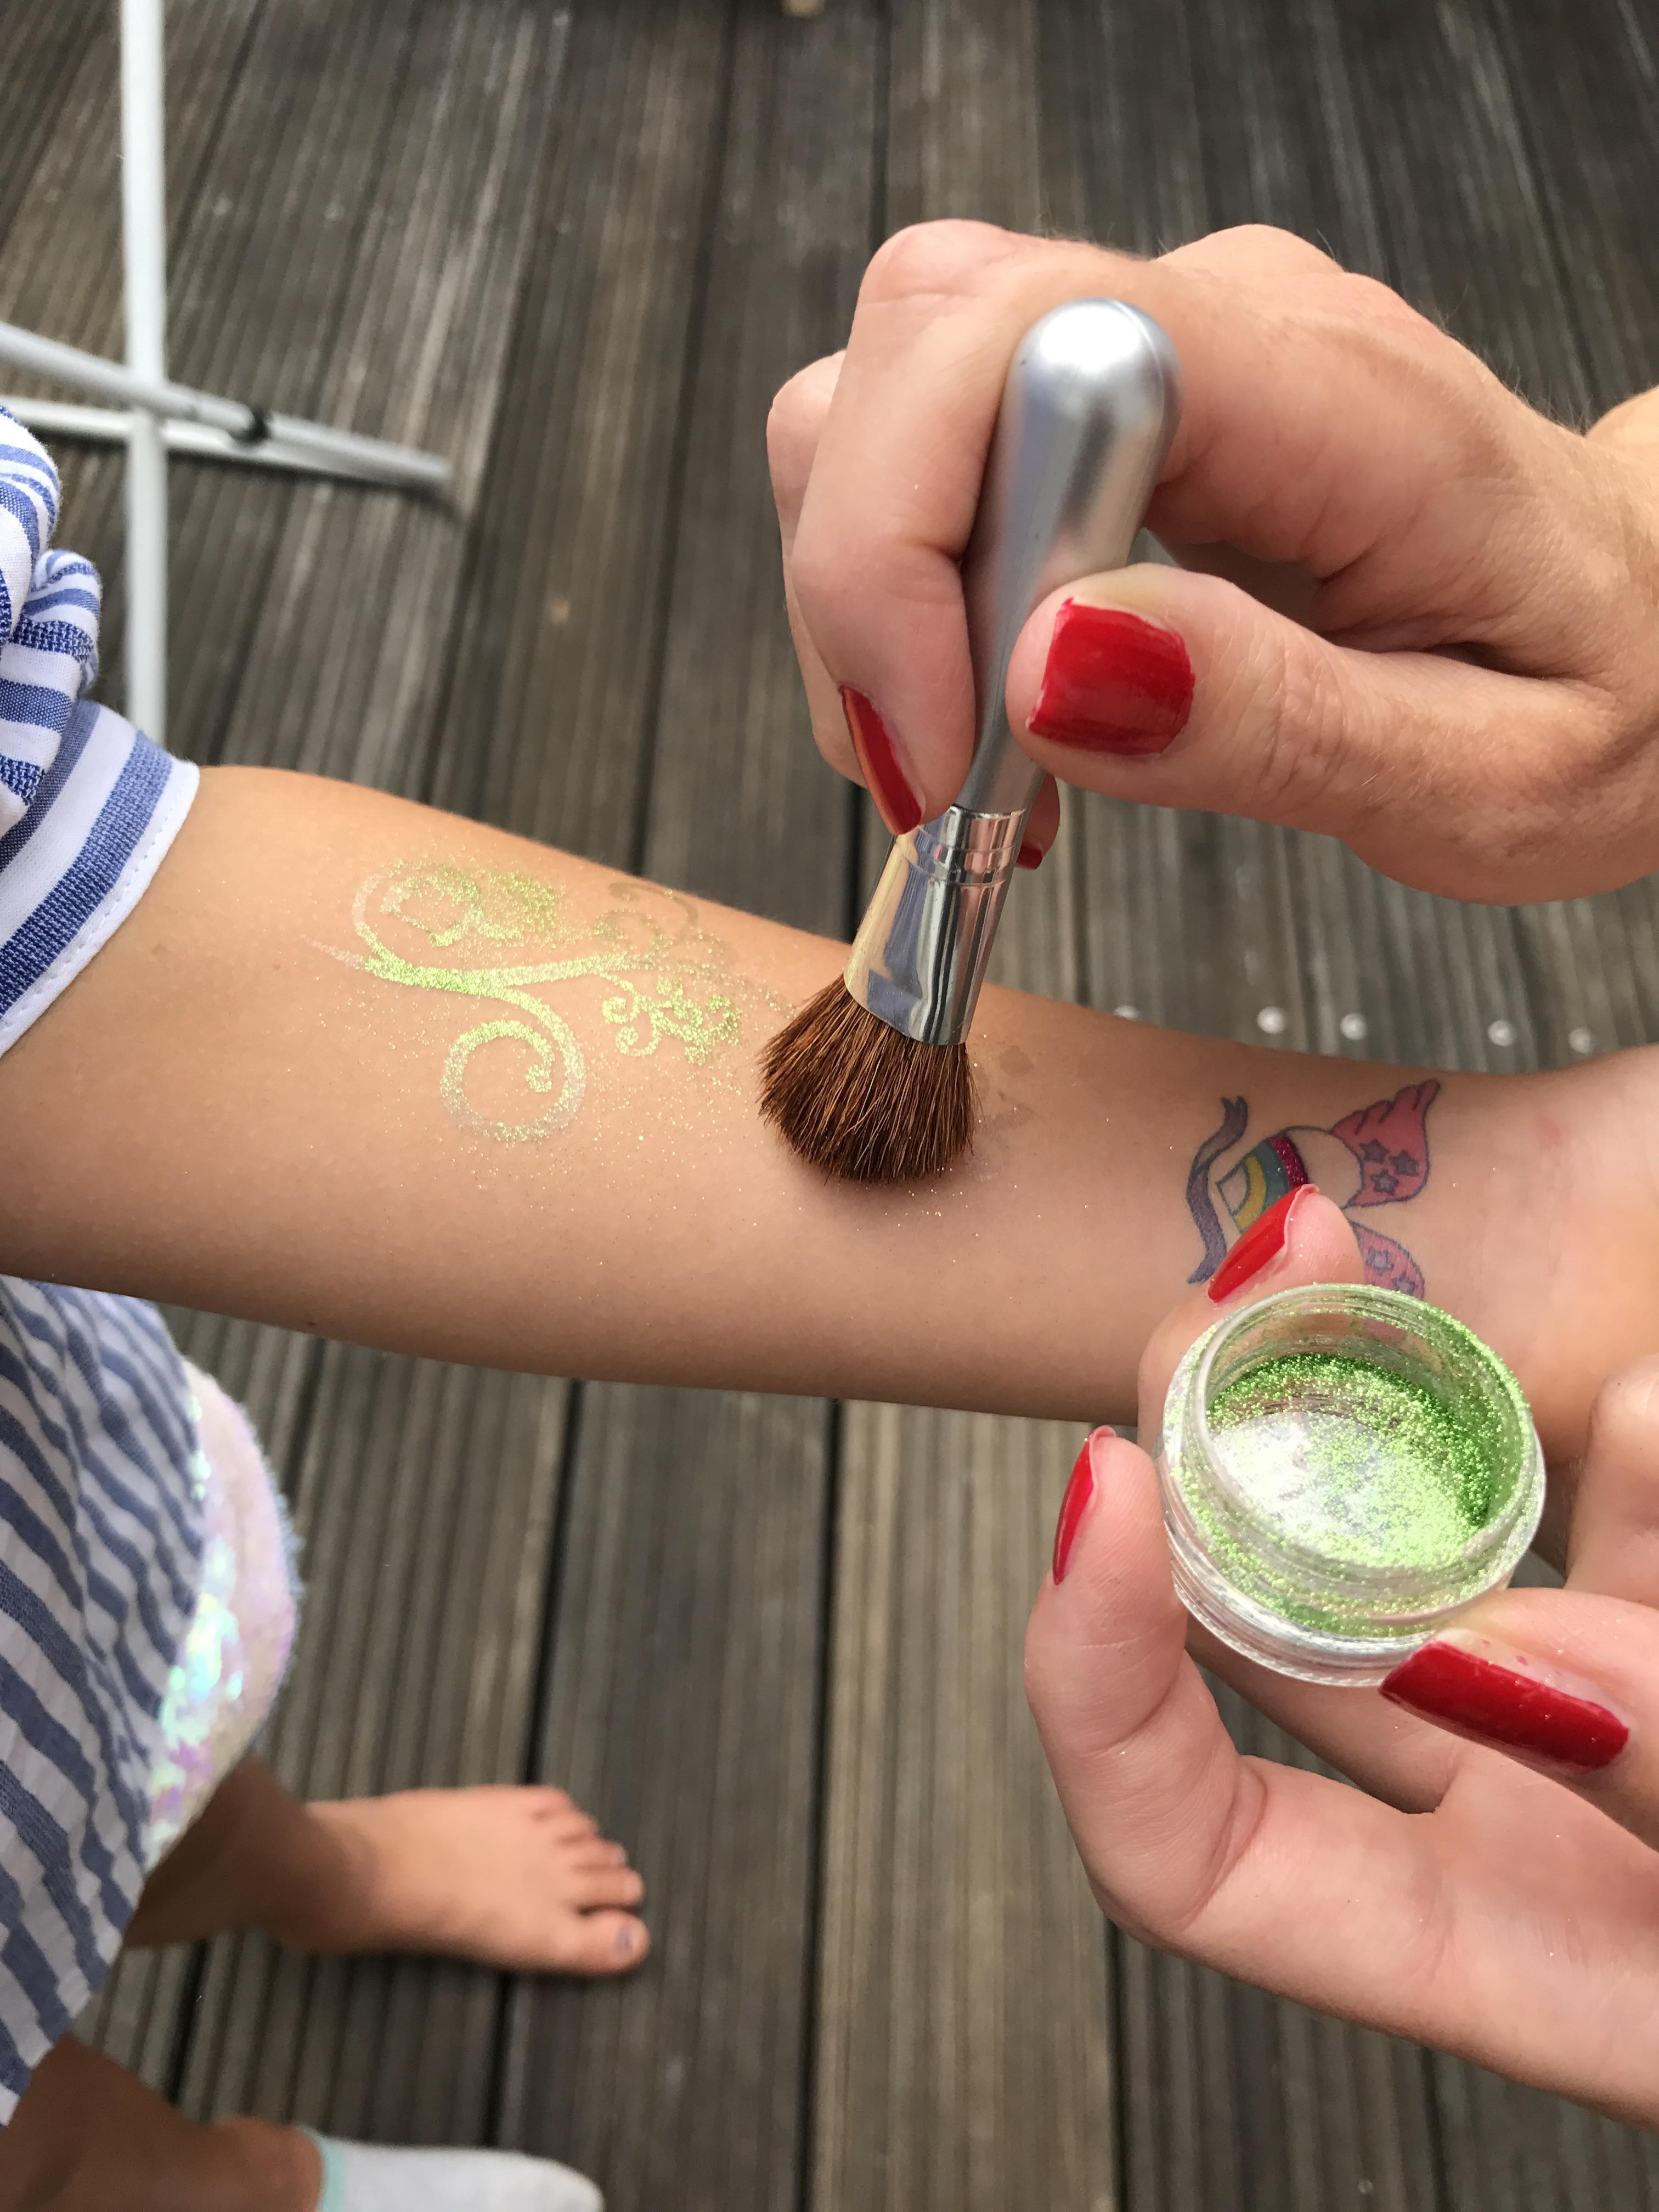 Glitter tattoos for children self-made